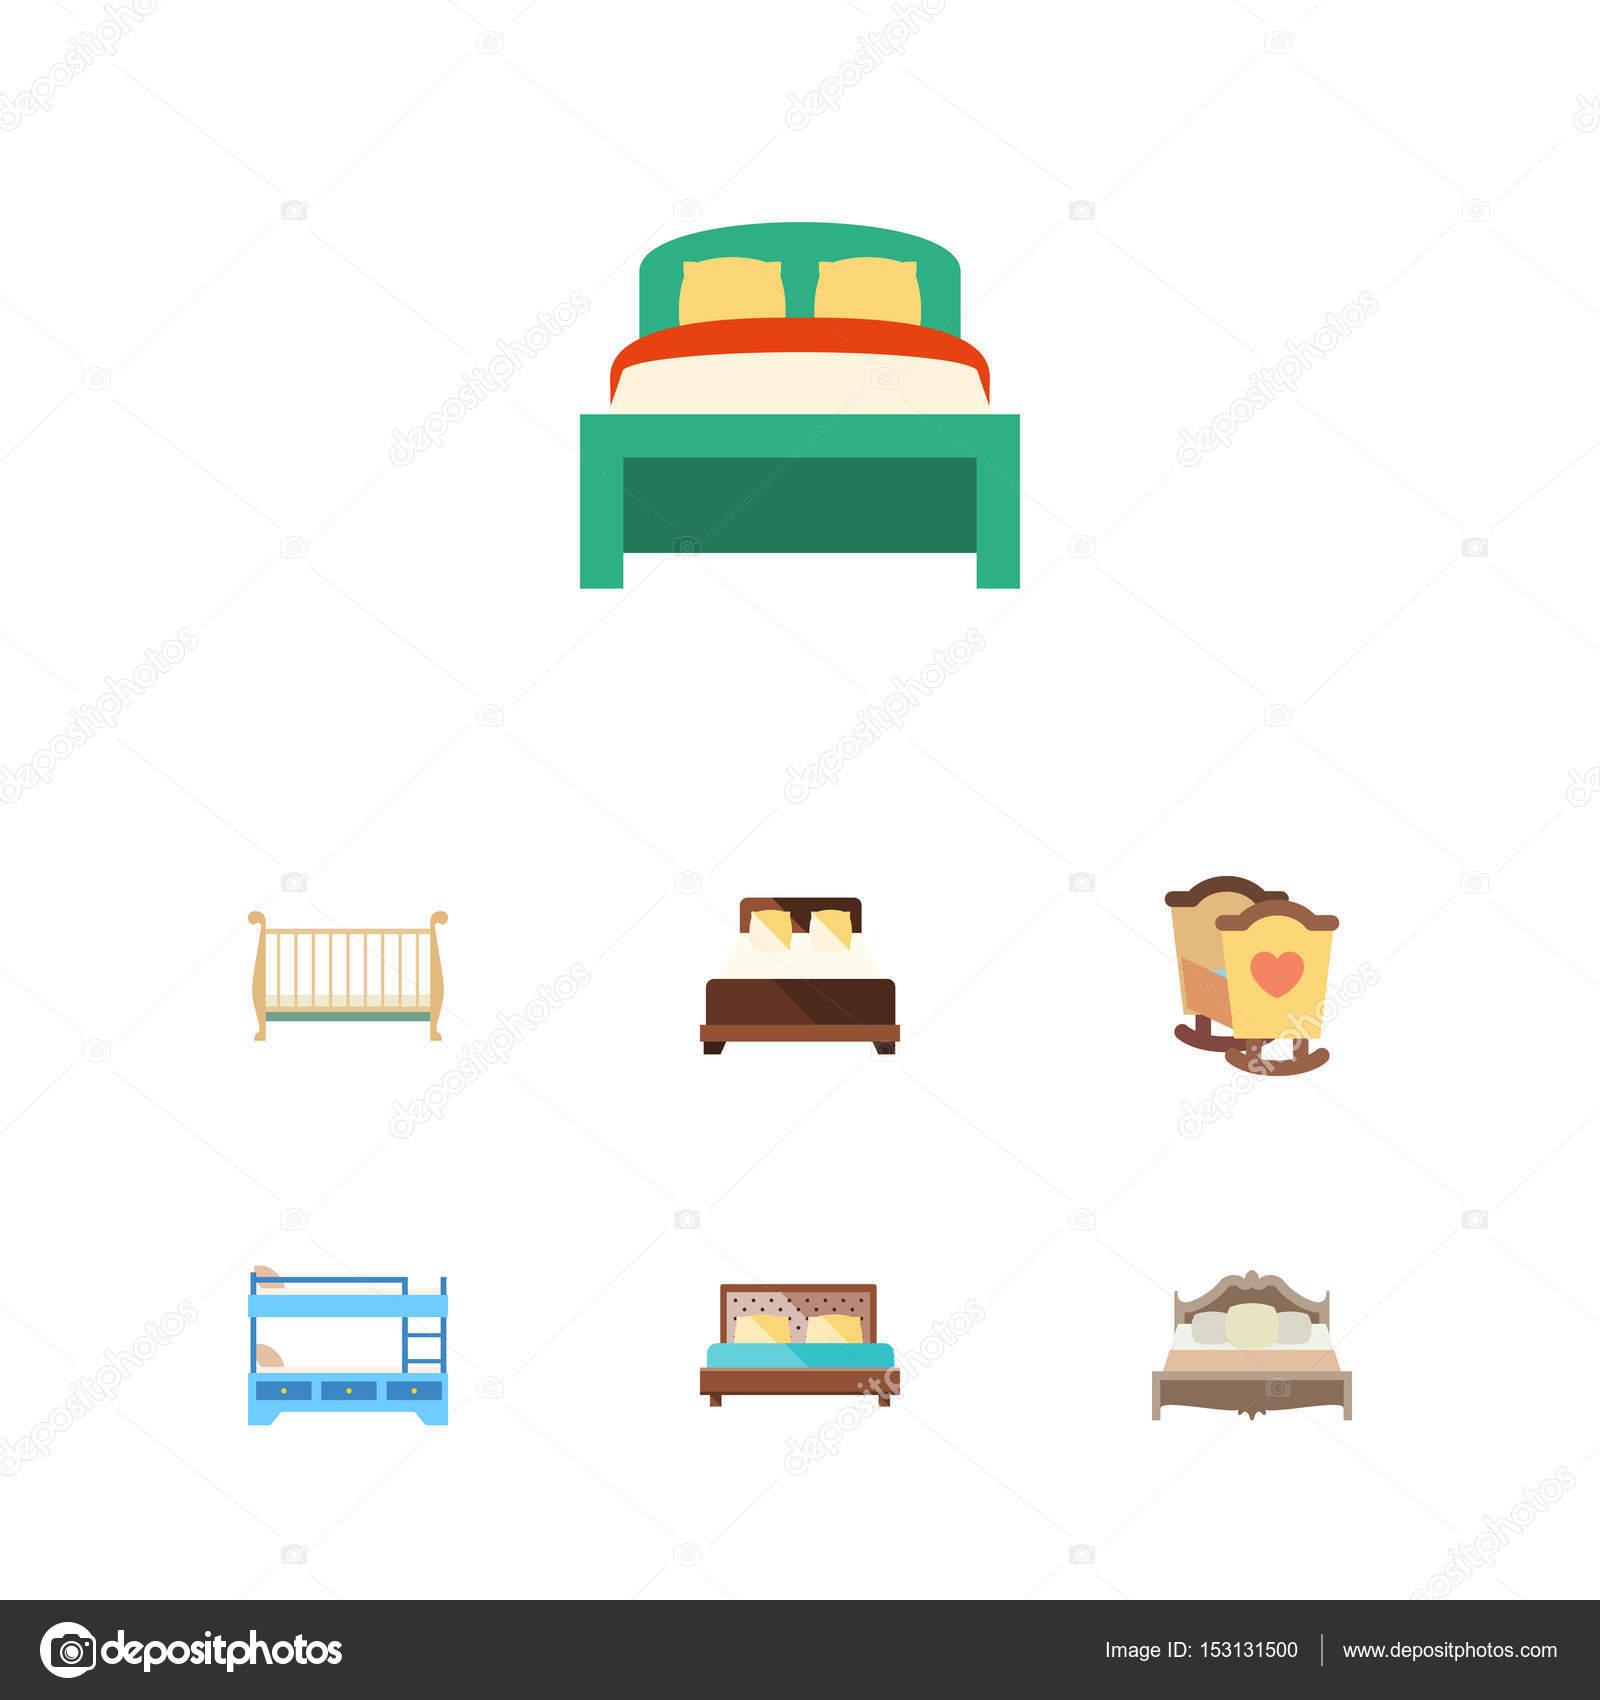 Plano conjunto de cuna, cuna, muebles y otros objetos vectoriales ...